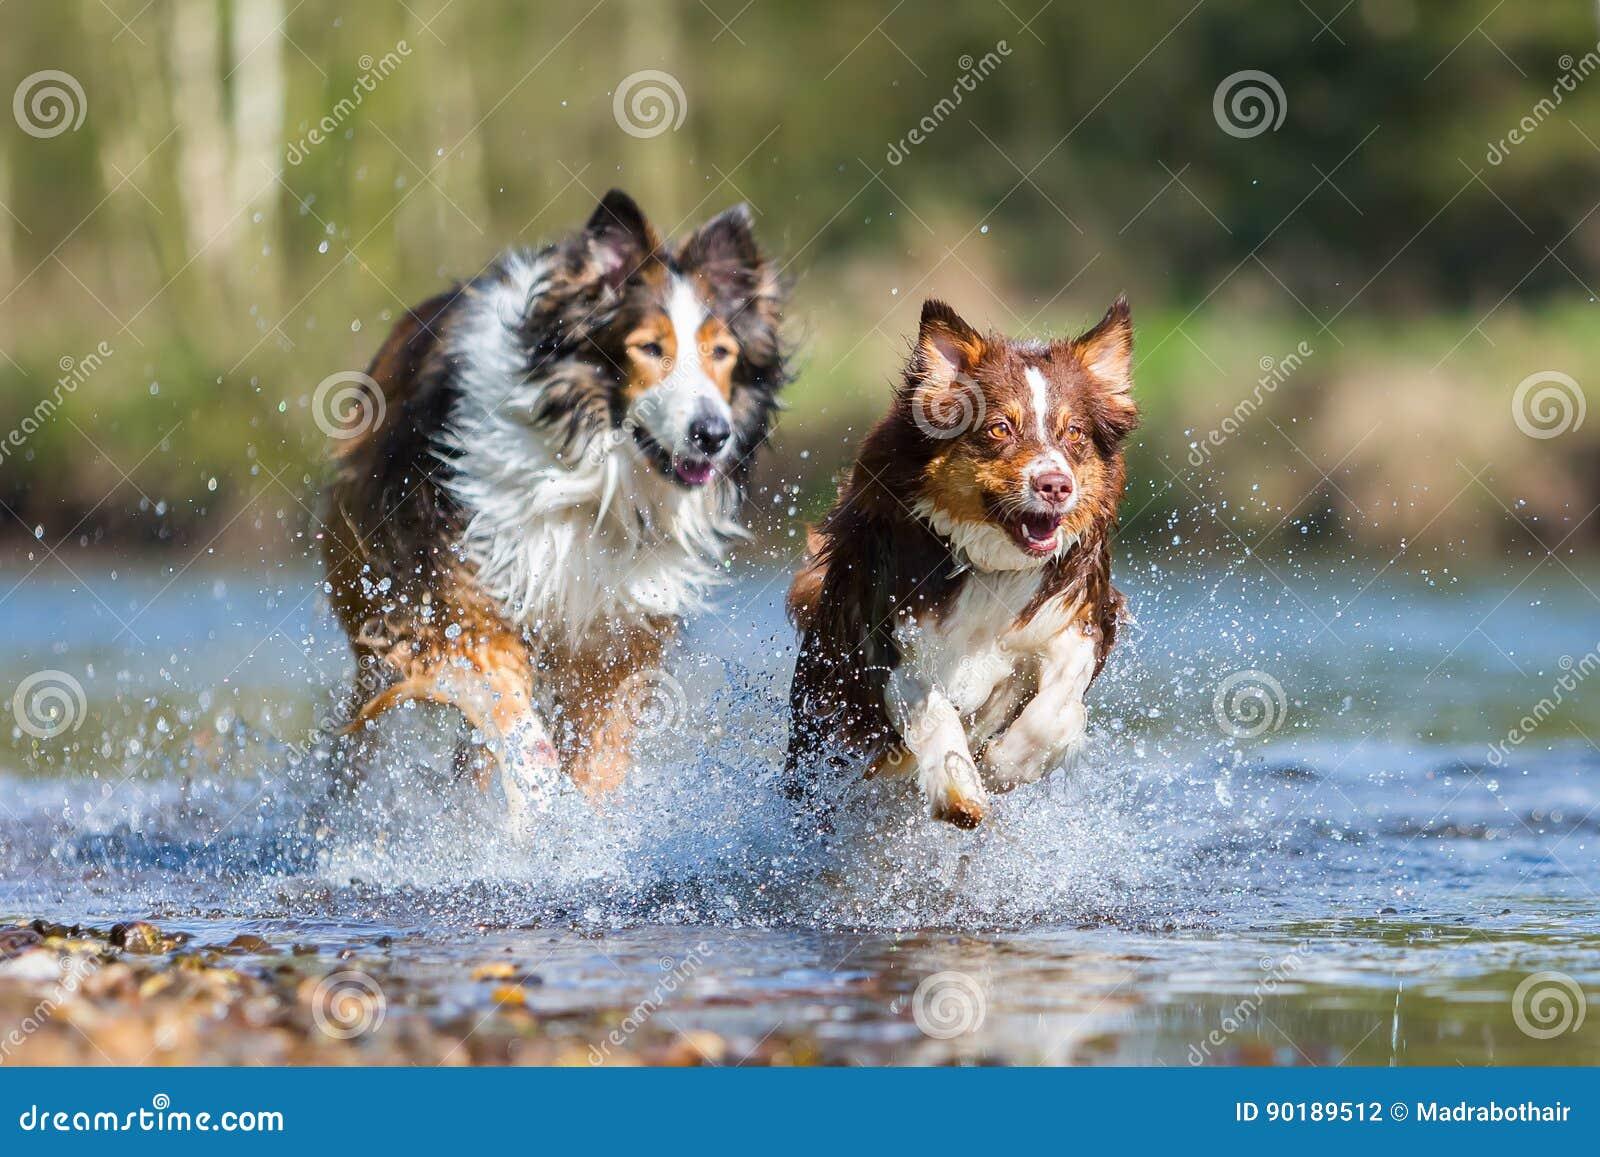 Collie-Mischungshund und australischer Schäfer, die in einen Fluss laufen